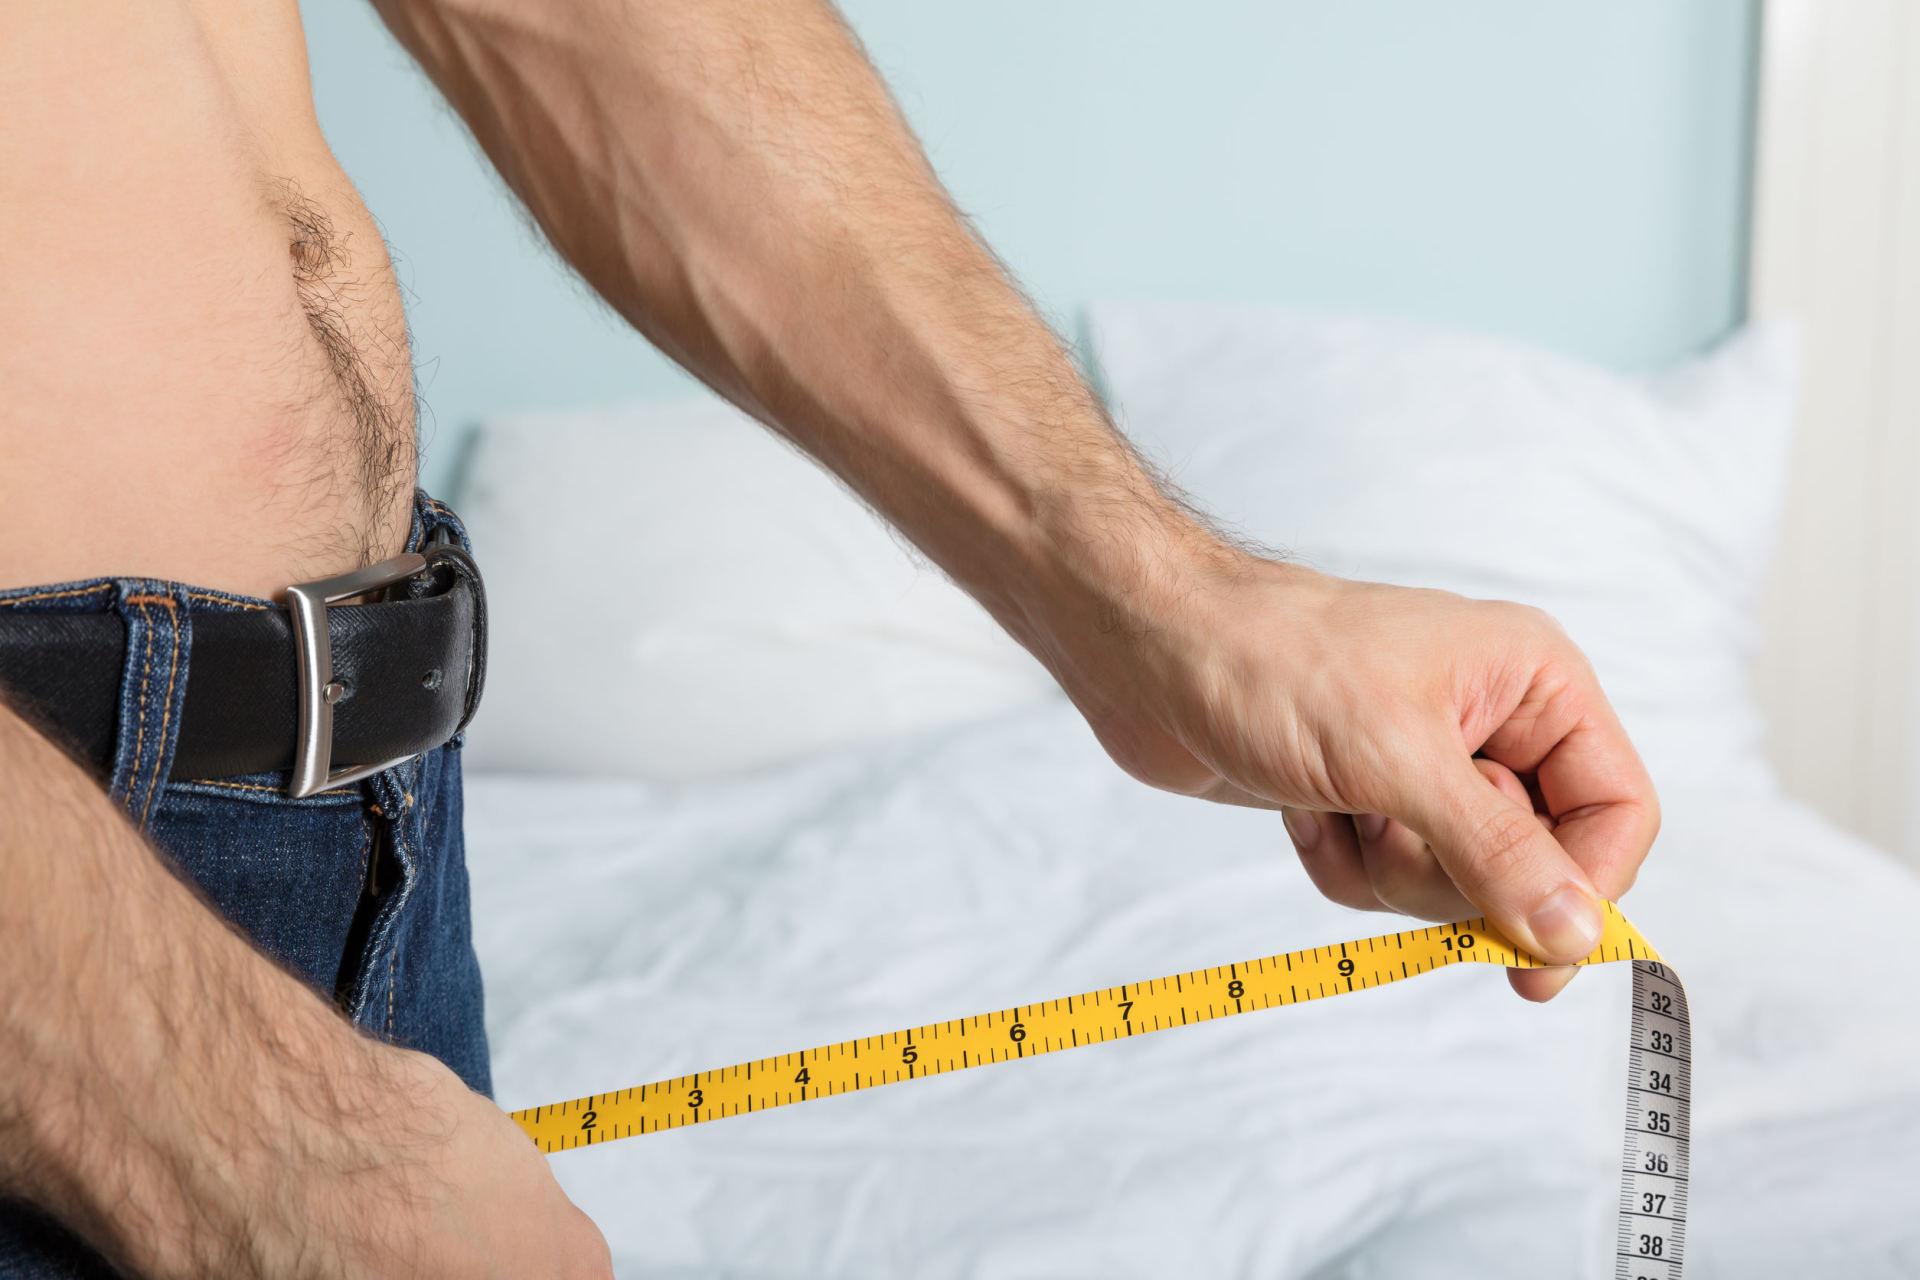 didelis penis Ar galima padidinti nario dydi